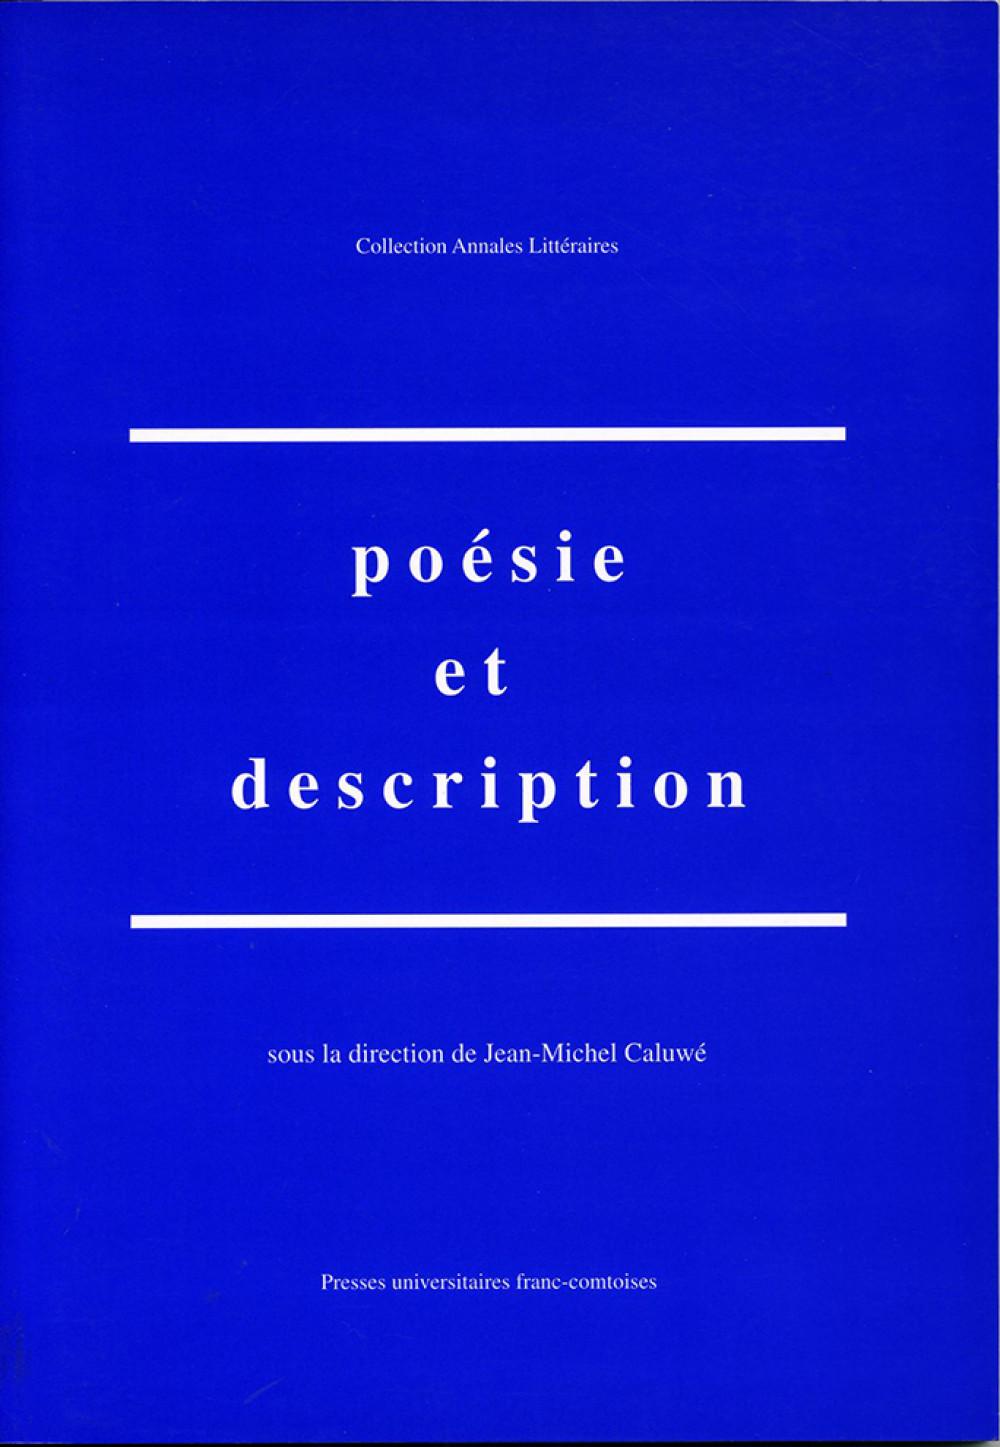 Poésie et description